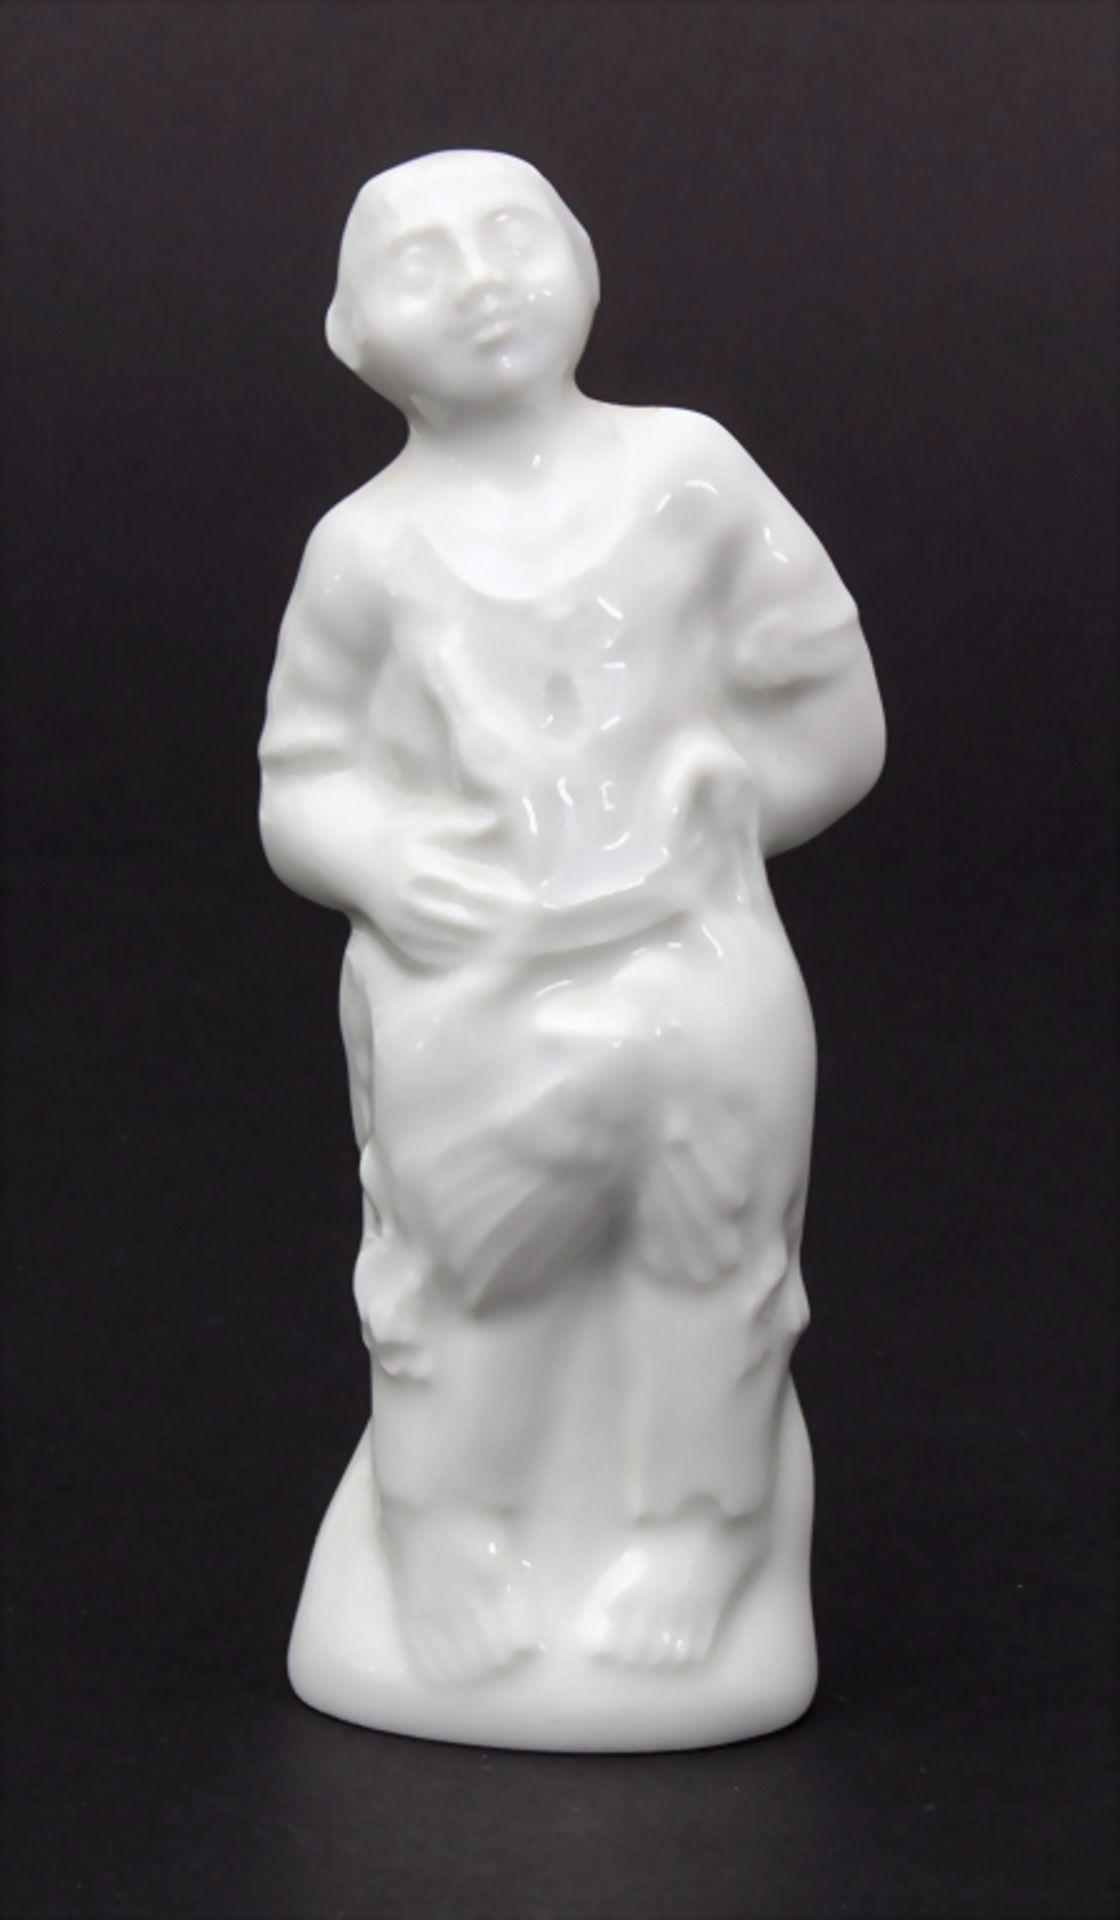 Miniaturfigur eines Bauernjungen mit zwei Gänsen / A miniature figurine of a peasant with two geese,